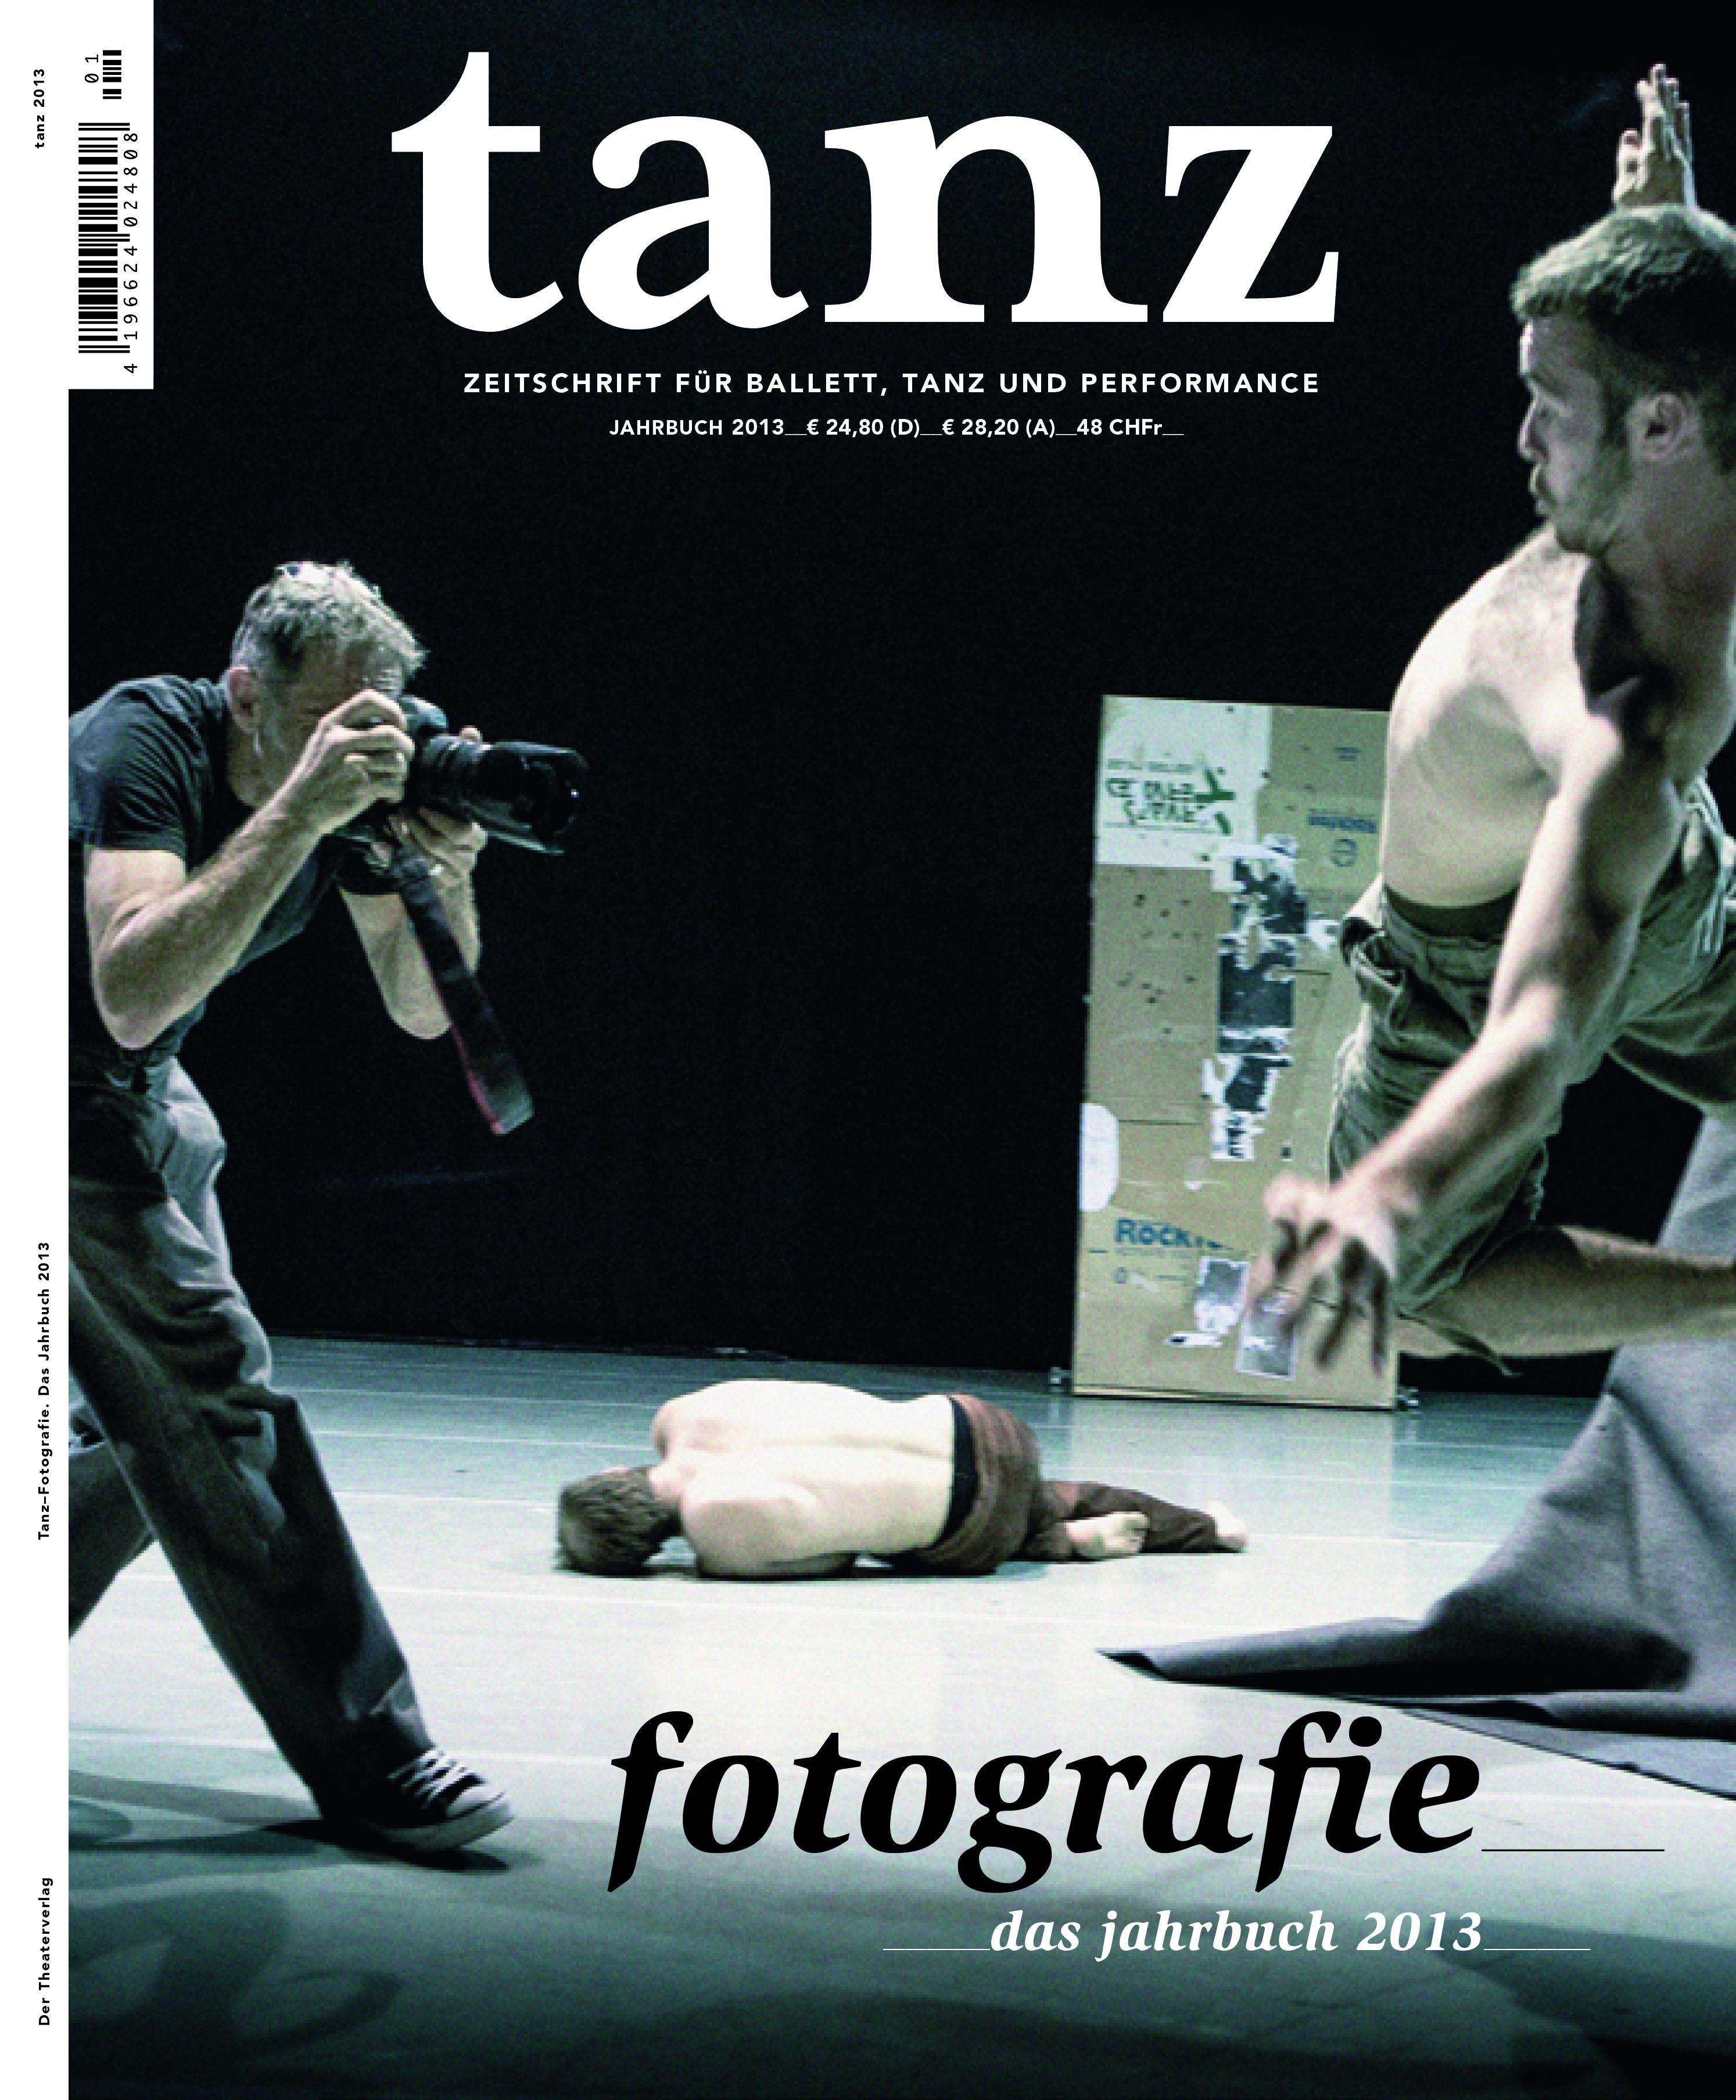 Tanz Jahrbuch (13/2013)